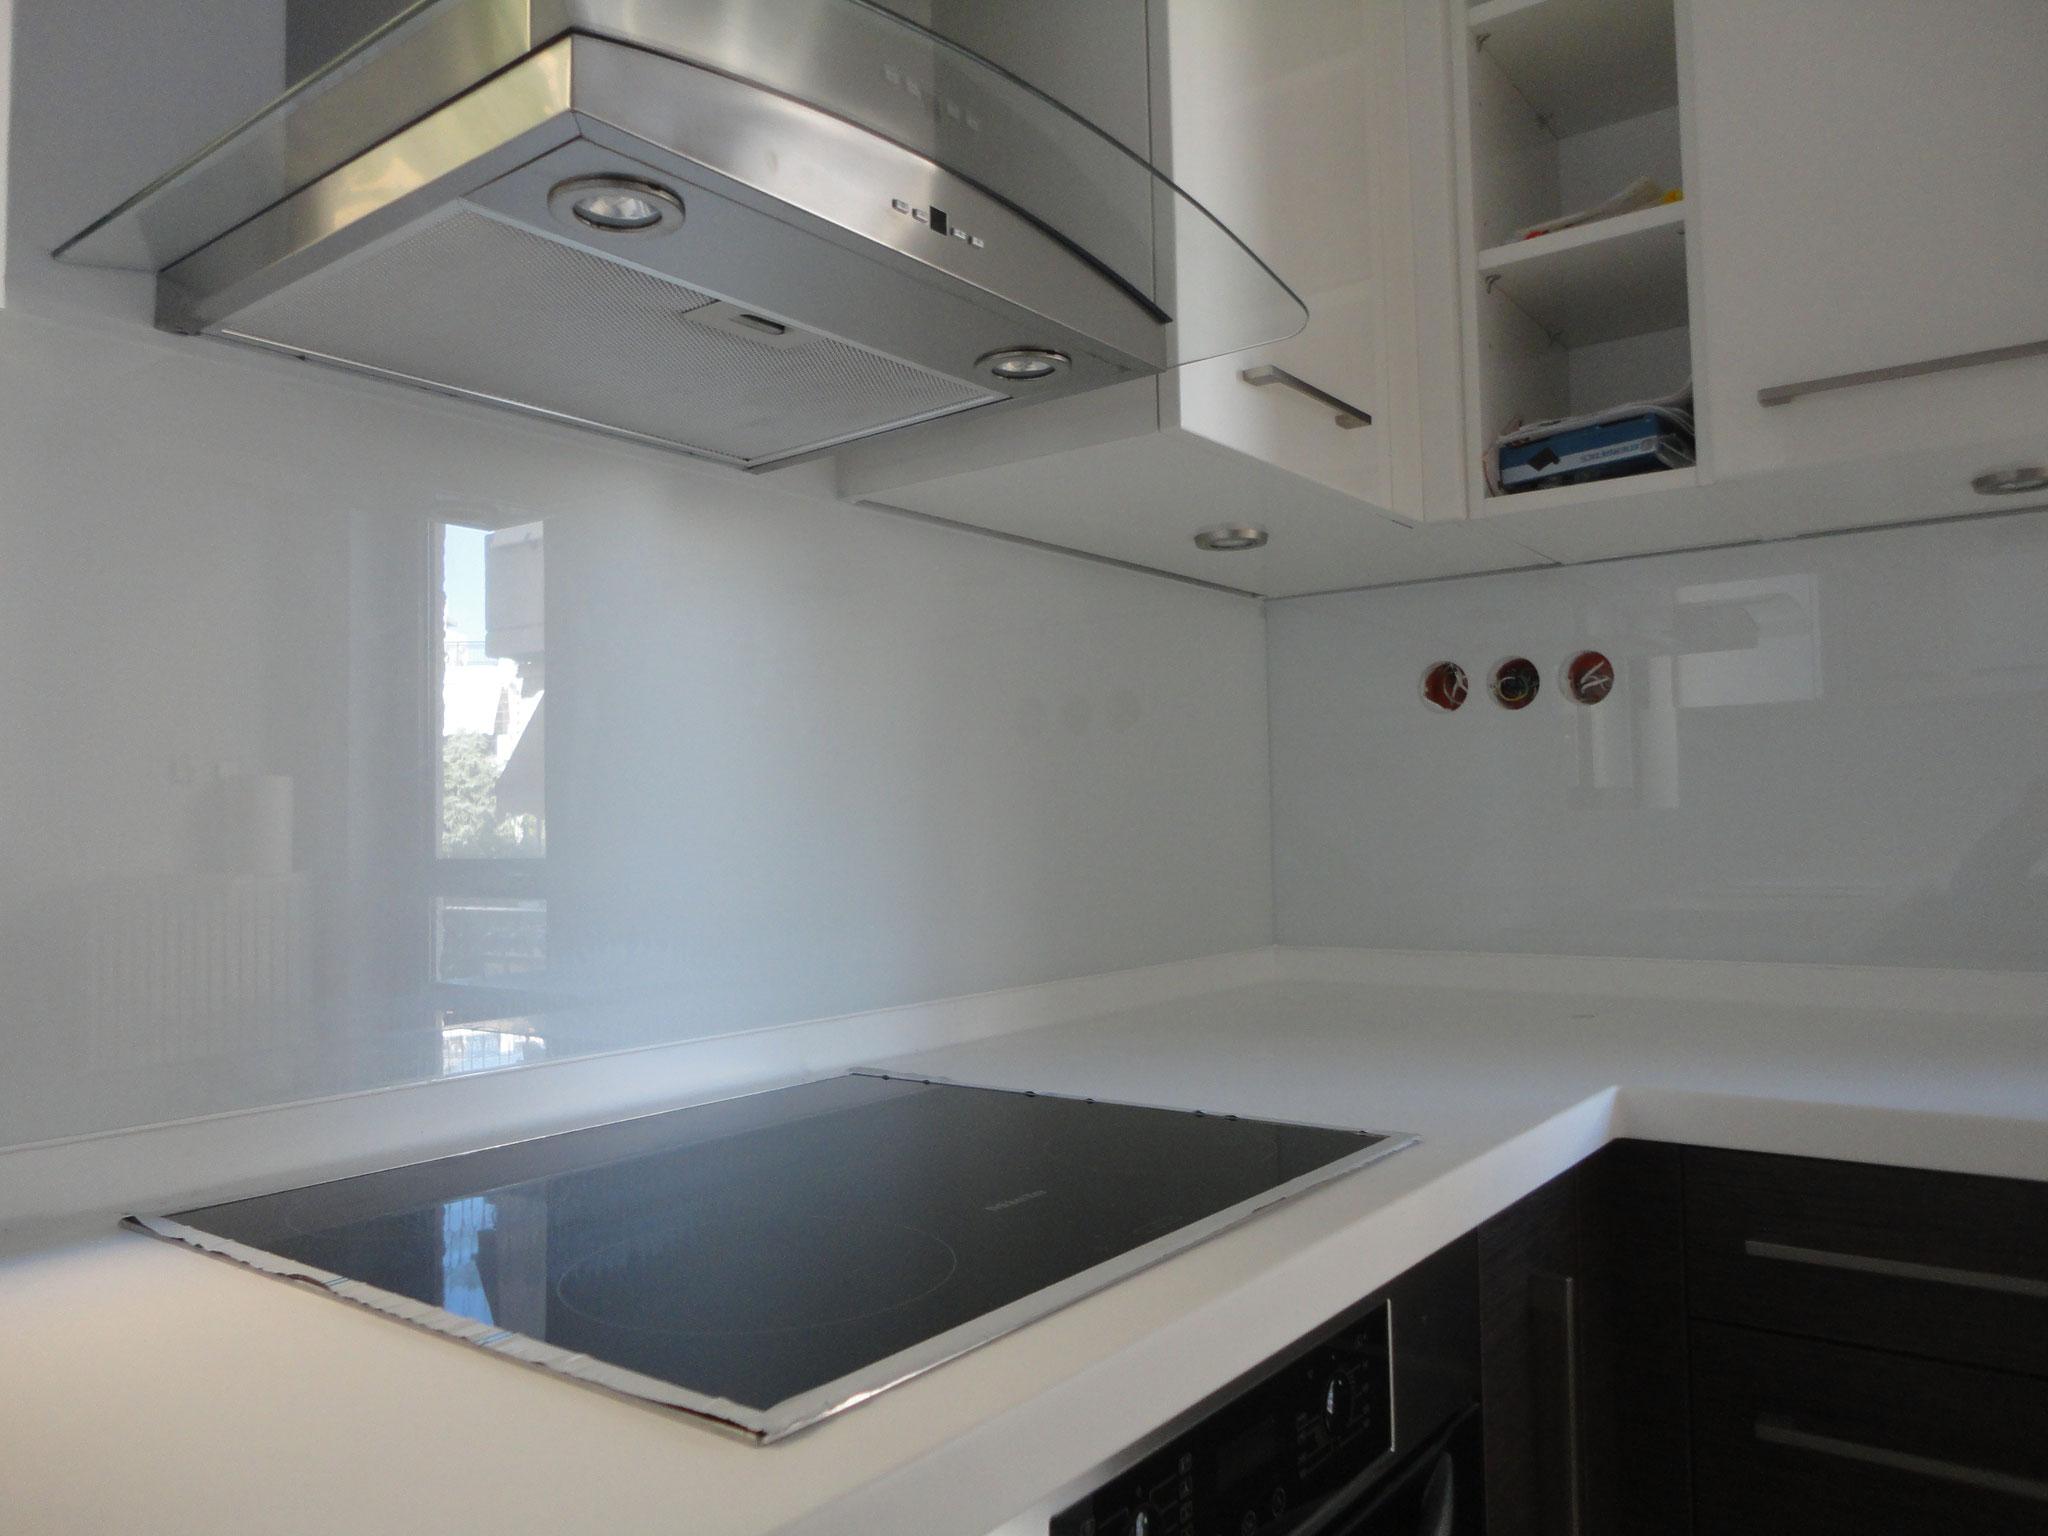 πλάτη κουζίνας με γυαλί